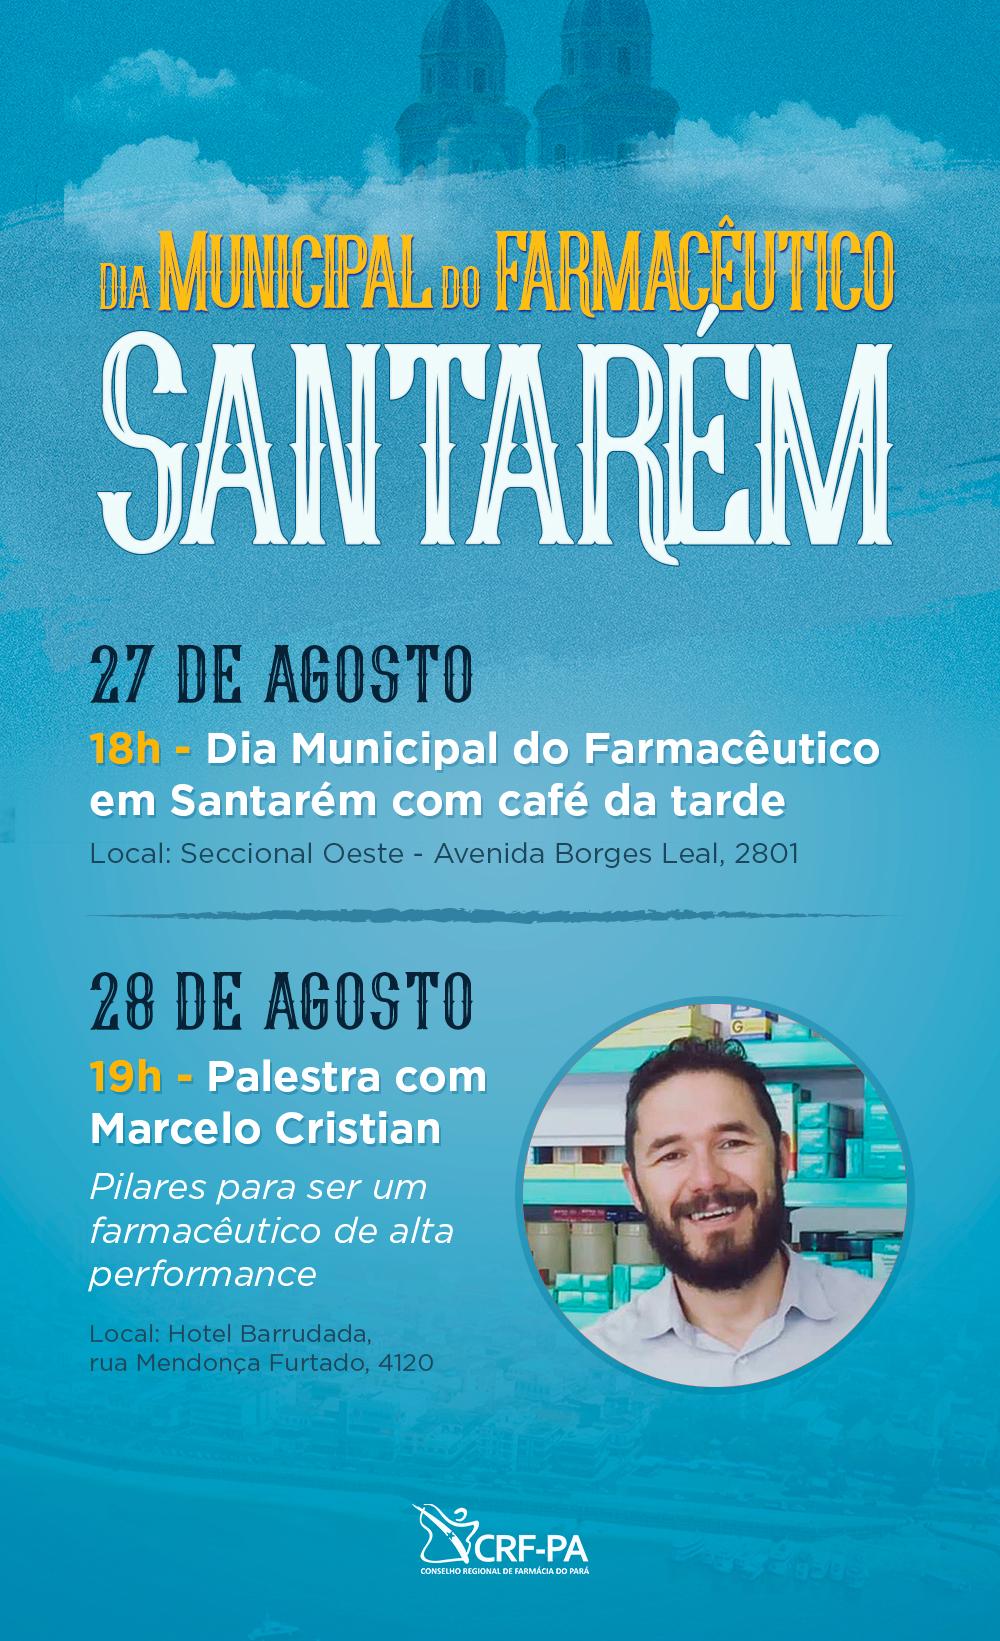 Dia Municipal do Farmaceutico em Santarém